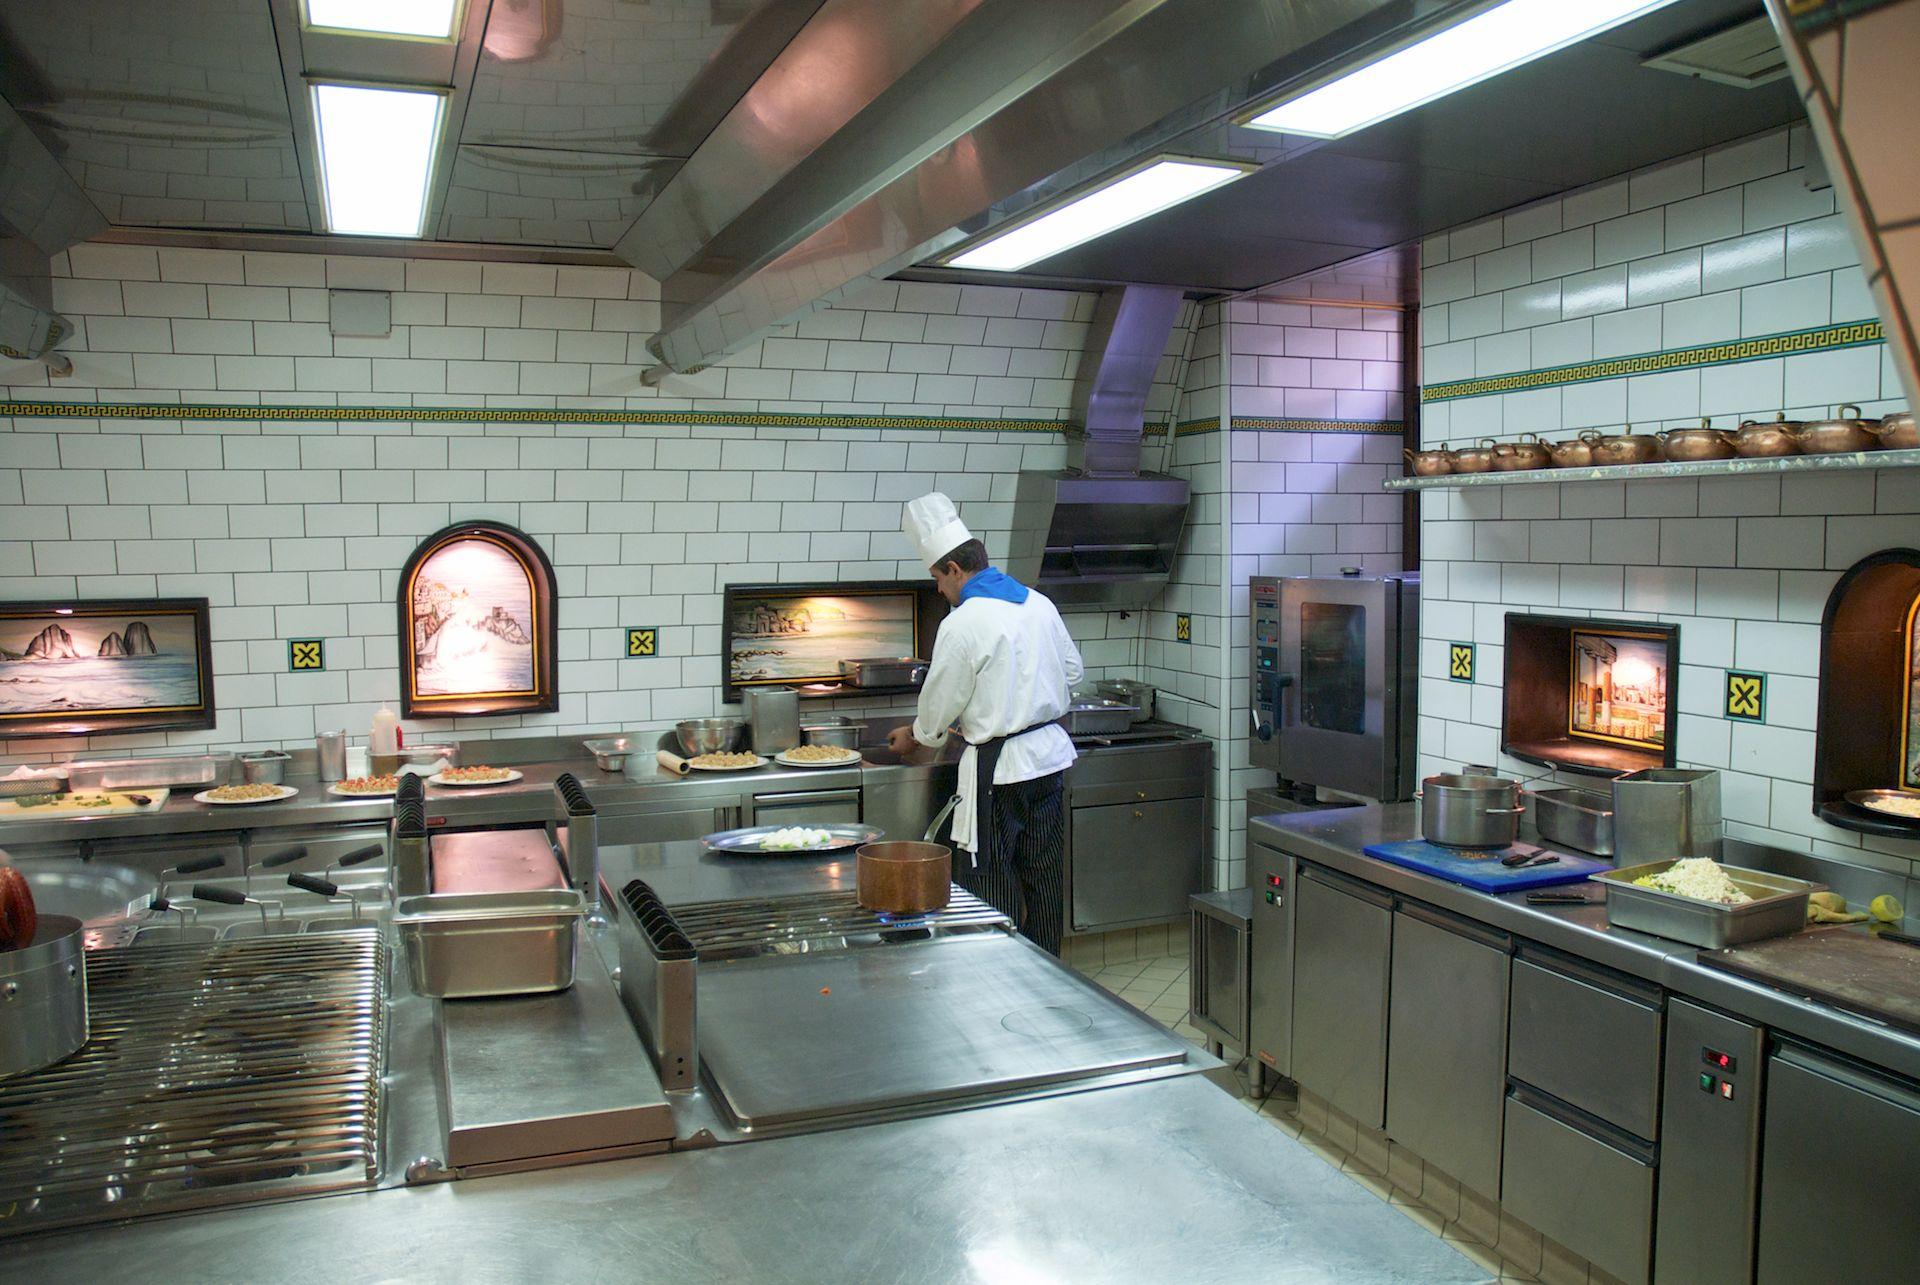 The kitchen ristorante l 39 antica trattoria in sorrento - In cucina con pippo de agostini ...